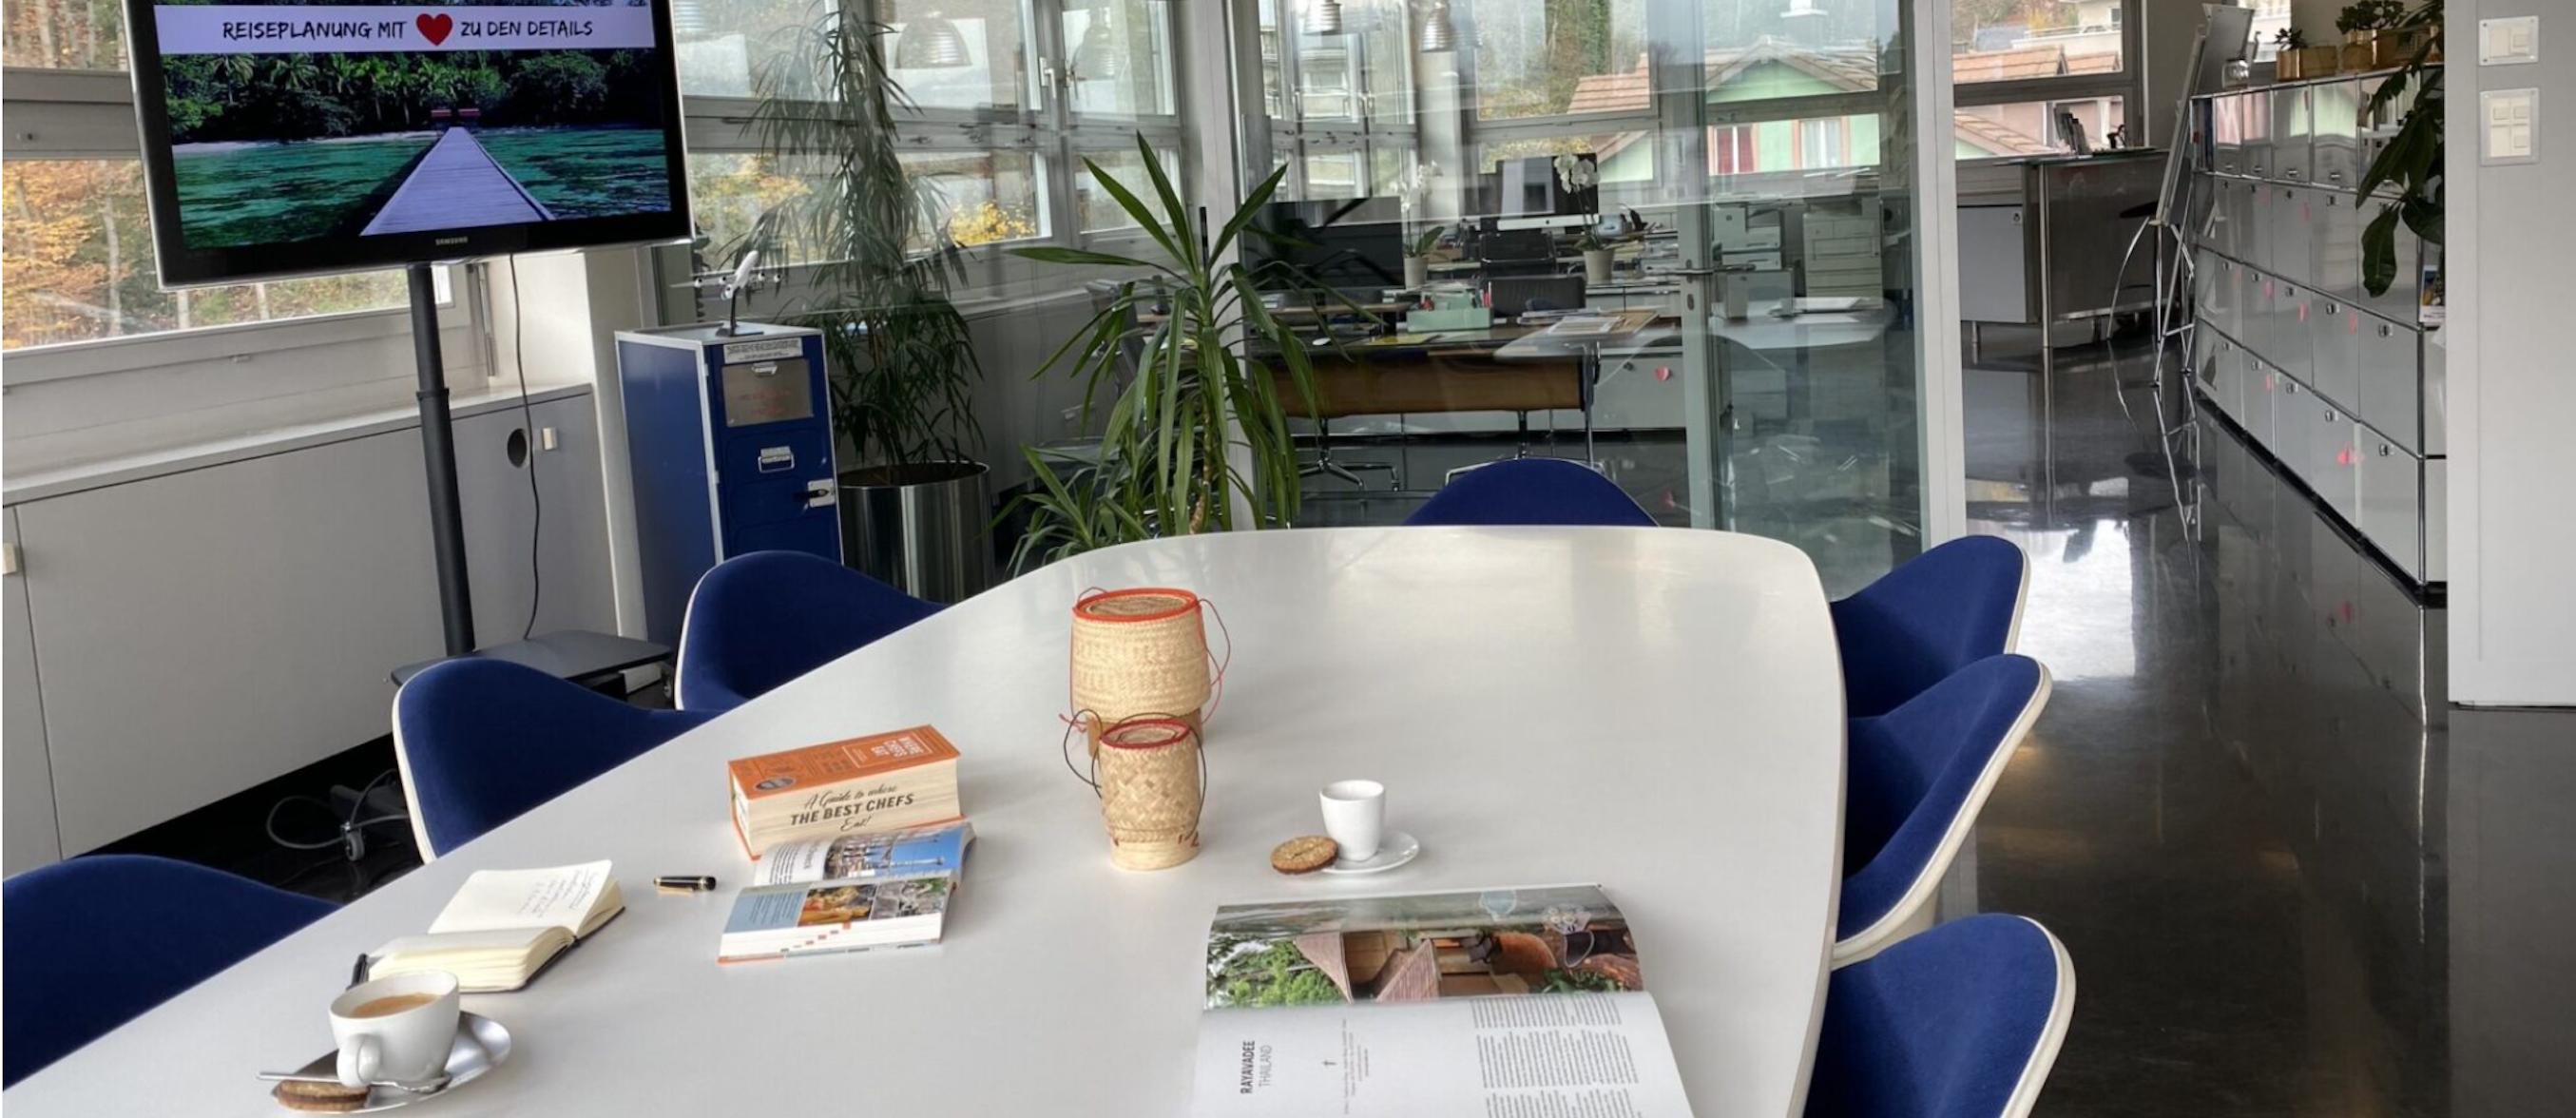 Das Reisebüro Simtis in Baden ist modern eingerichtet, auf dem Tisch im Sitzungszimmer liegen Reiseführer und Reisezubehör drapiert, sowie zwei Tassen Kaffee.